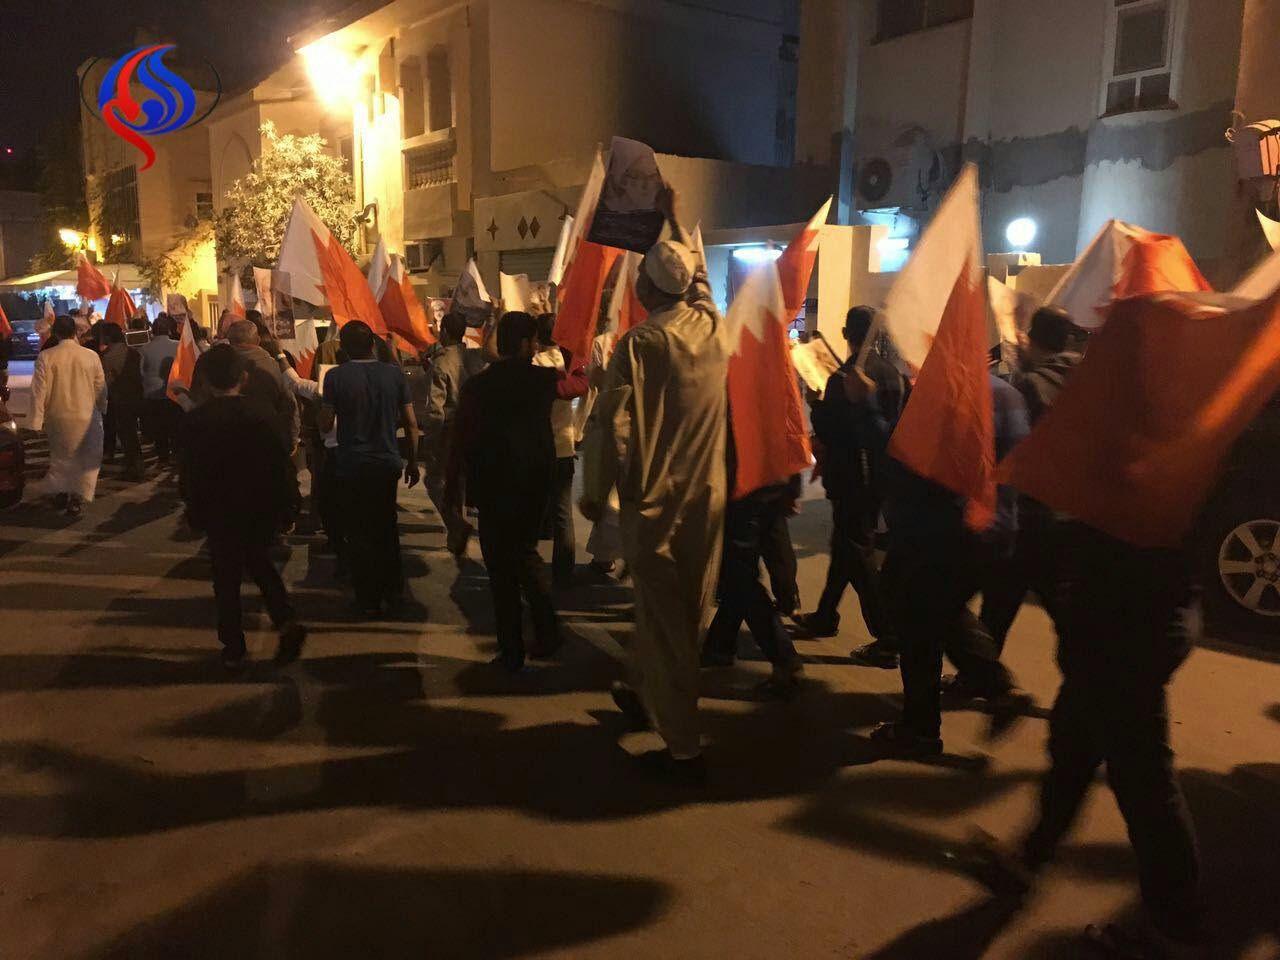 المعارضة البحرينية تدعو لتصعيد الحراك تمهيدا لذكرى الثورة صور Http Www Arablinx Com D8 A7 D9 84 D9 85 D8 B9 D8 A7 D8 B1 D8 B6 D8 A9 D8 A7 D9 Concert News